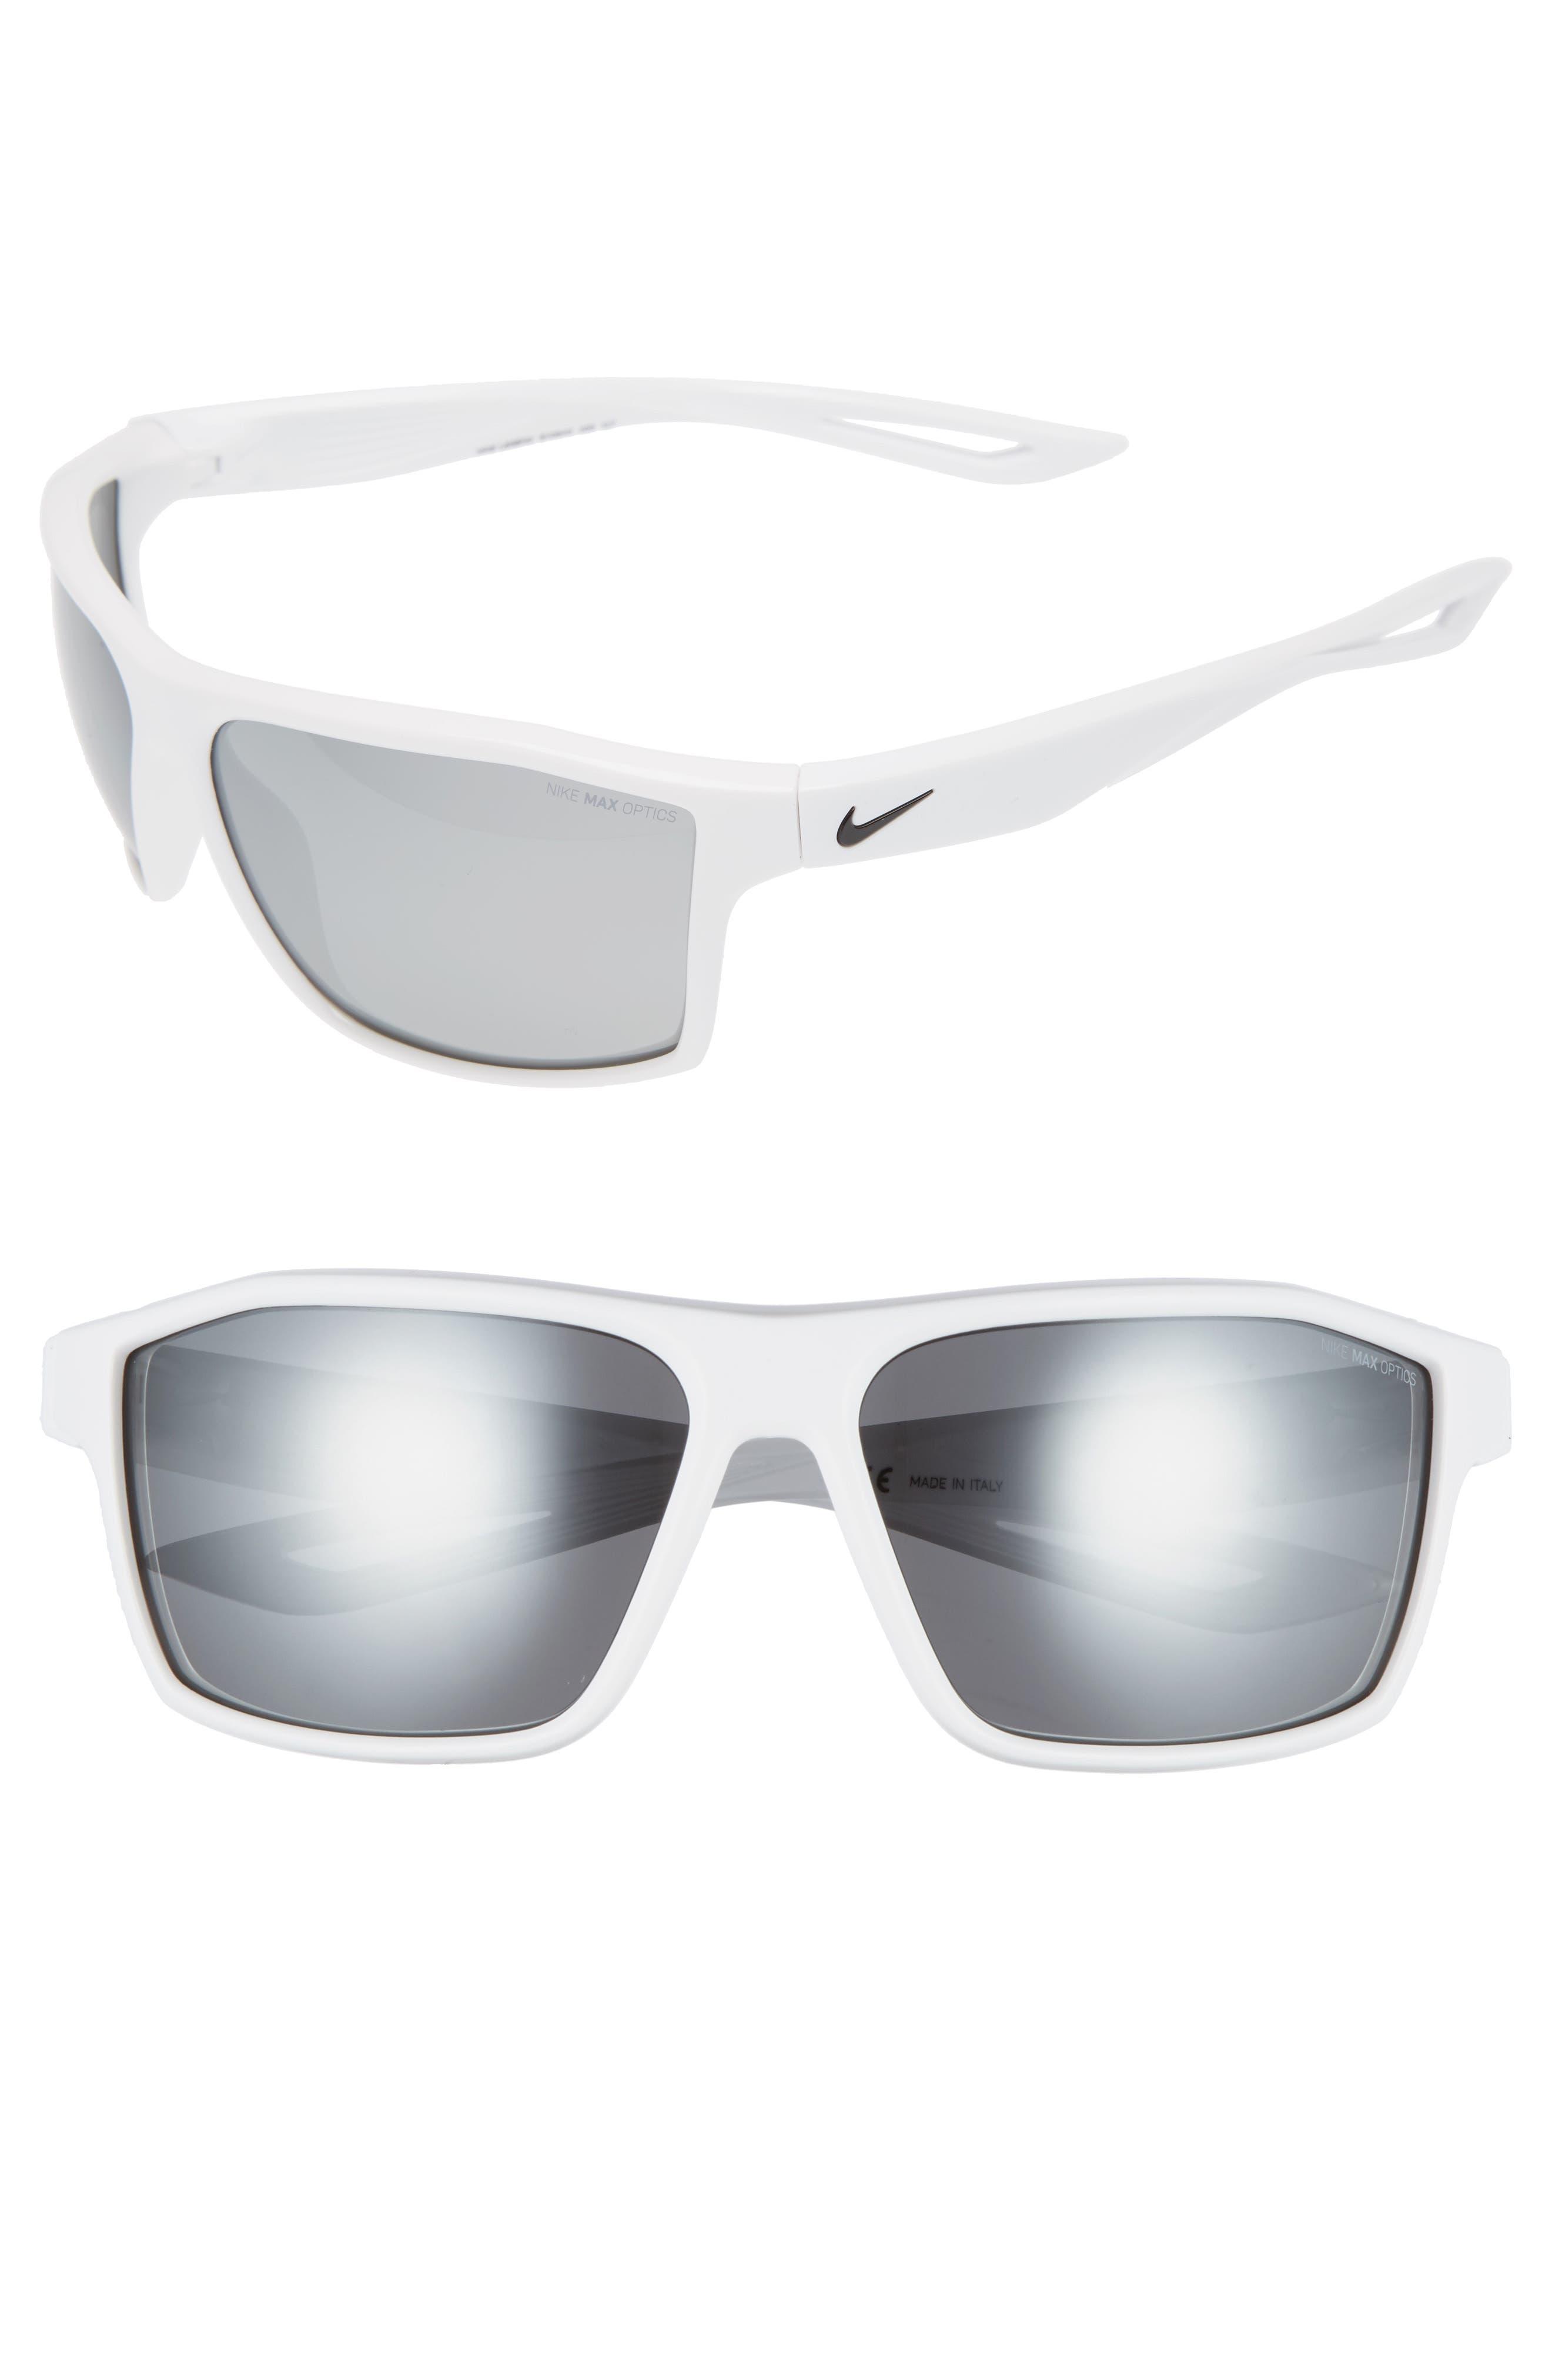 nike sunglasses mens white